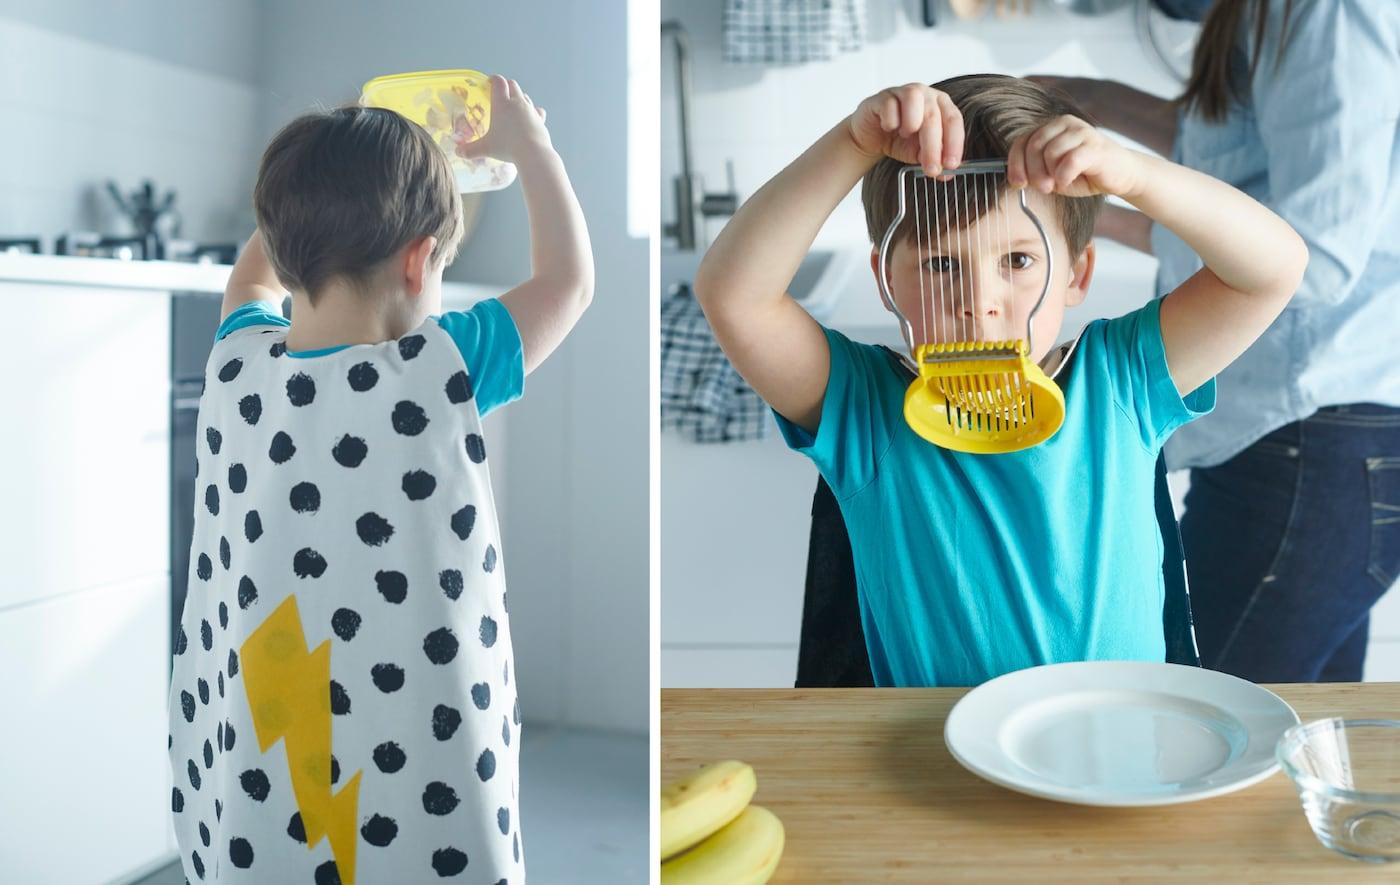 Secouer des gousses d'ail dans un récipient en plastique permet de les éplucher plus facilement.